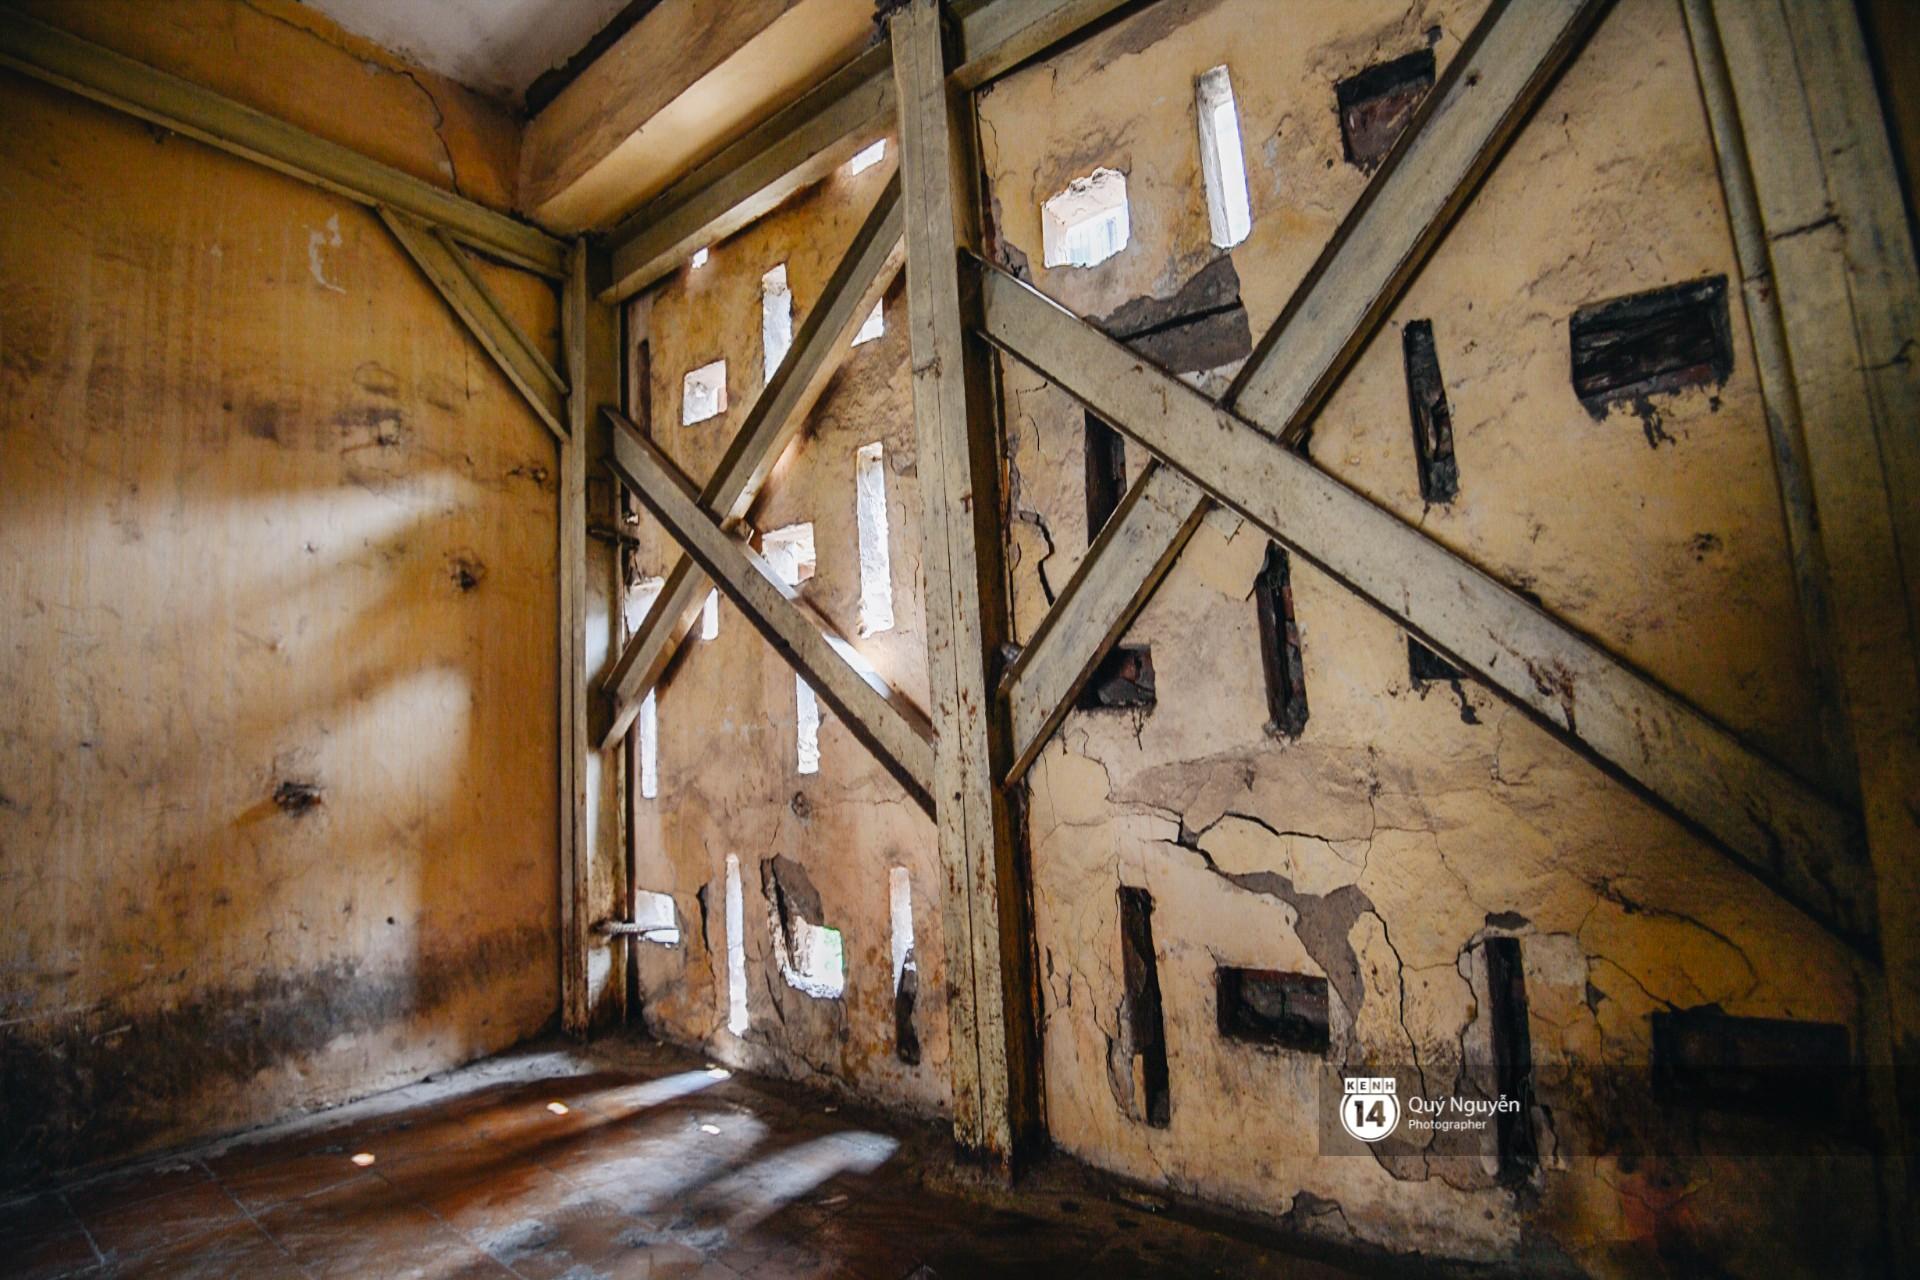 Chùm ảnh: Thấp thỏm sống trong chung cư tử thần đầy những vết nứt ở Hà Nội - Ảnh 3.